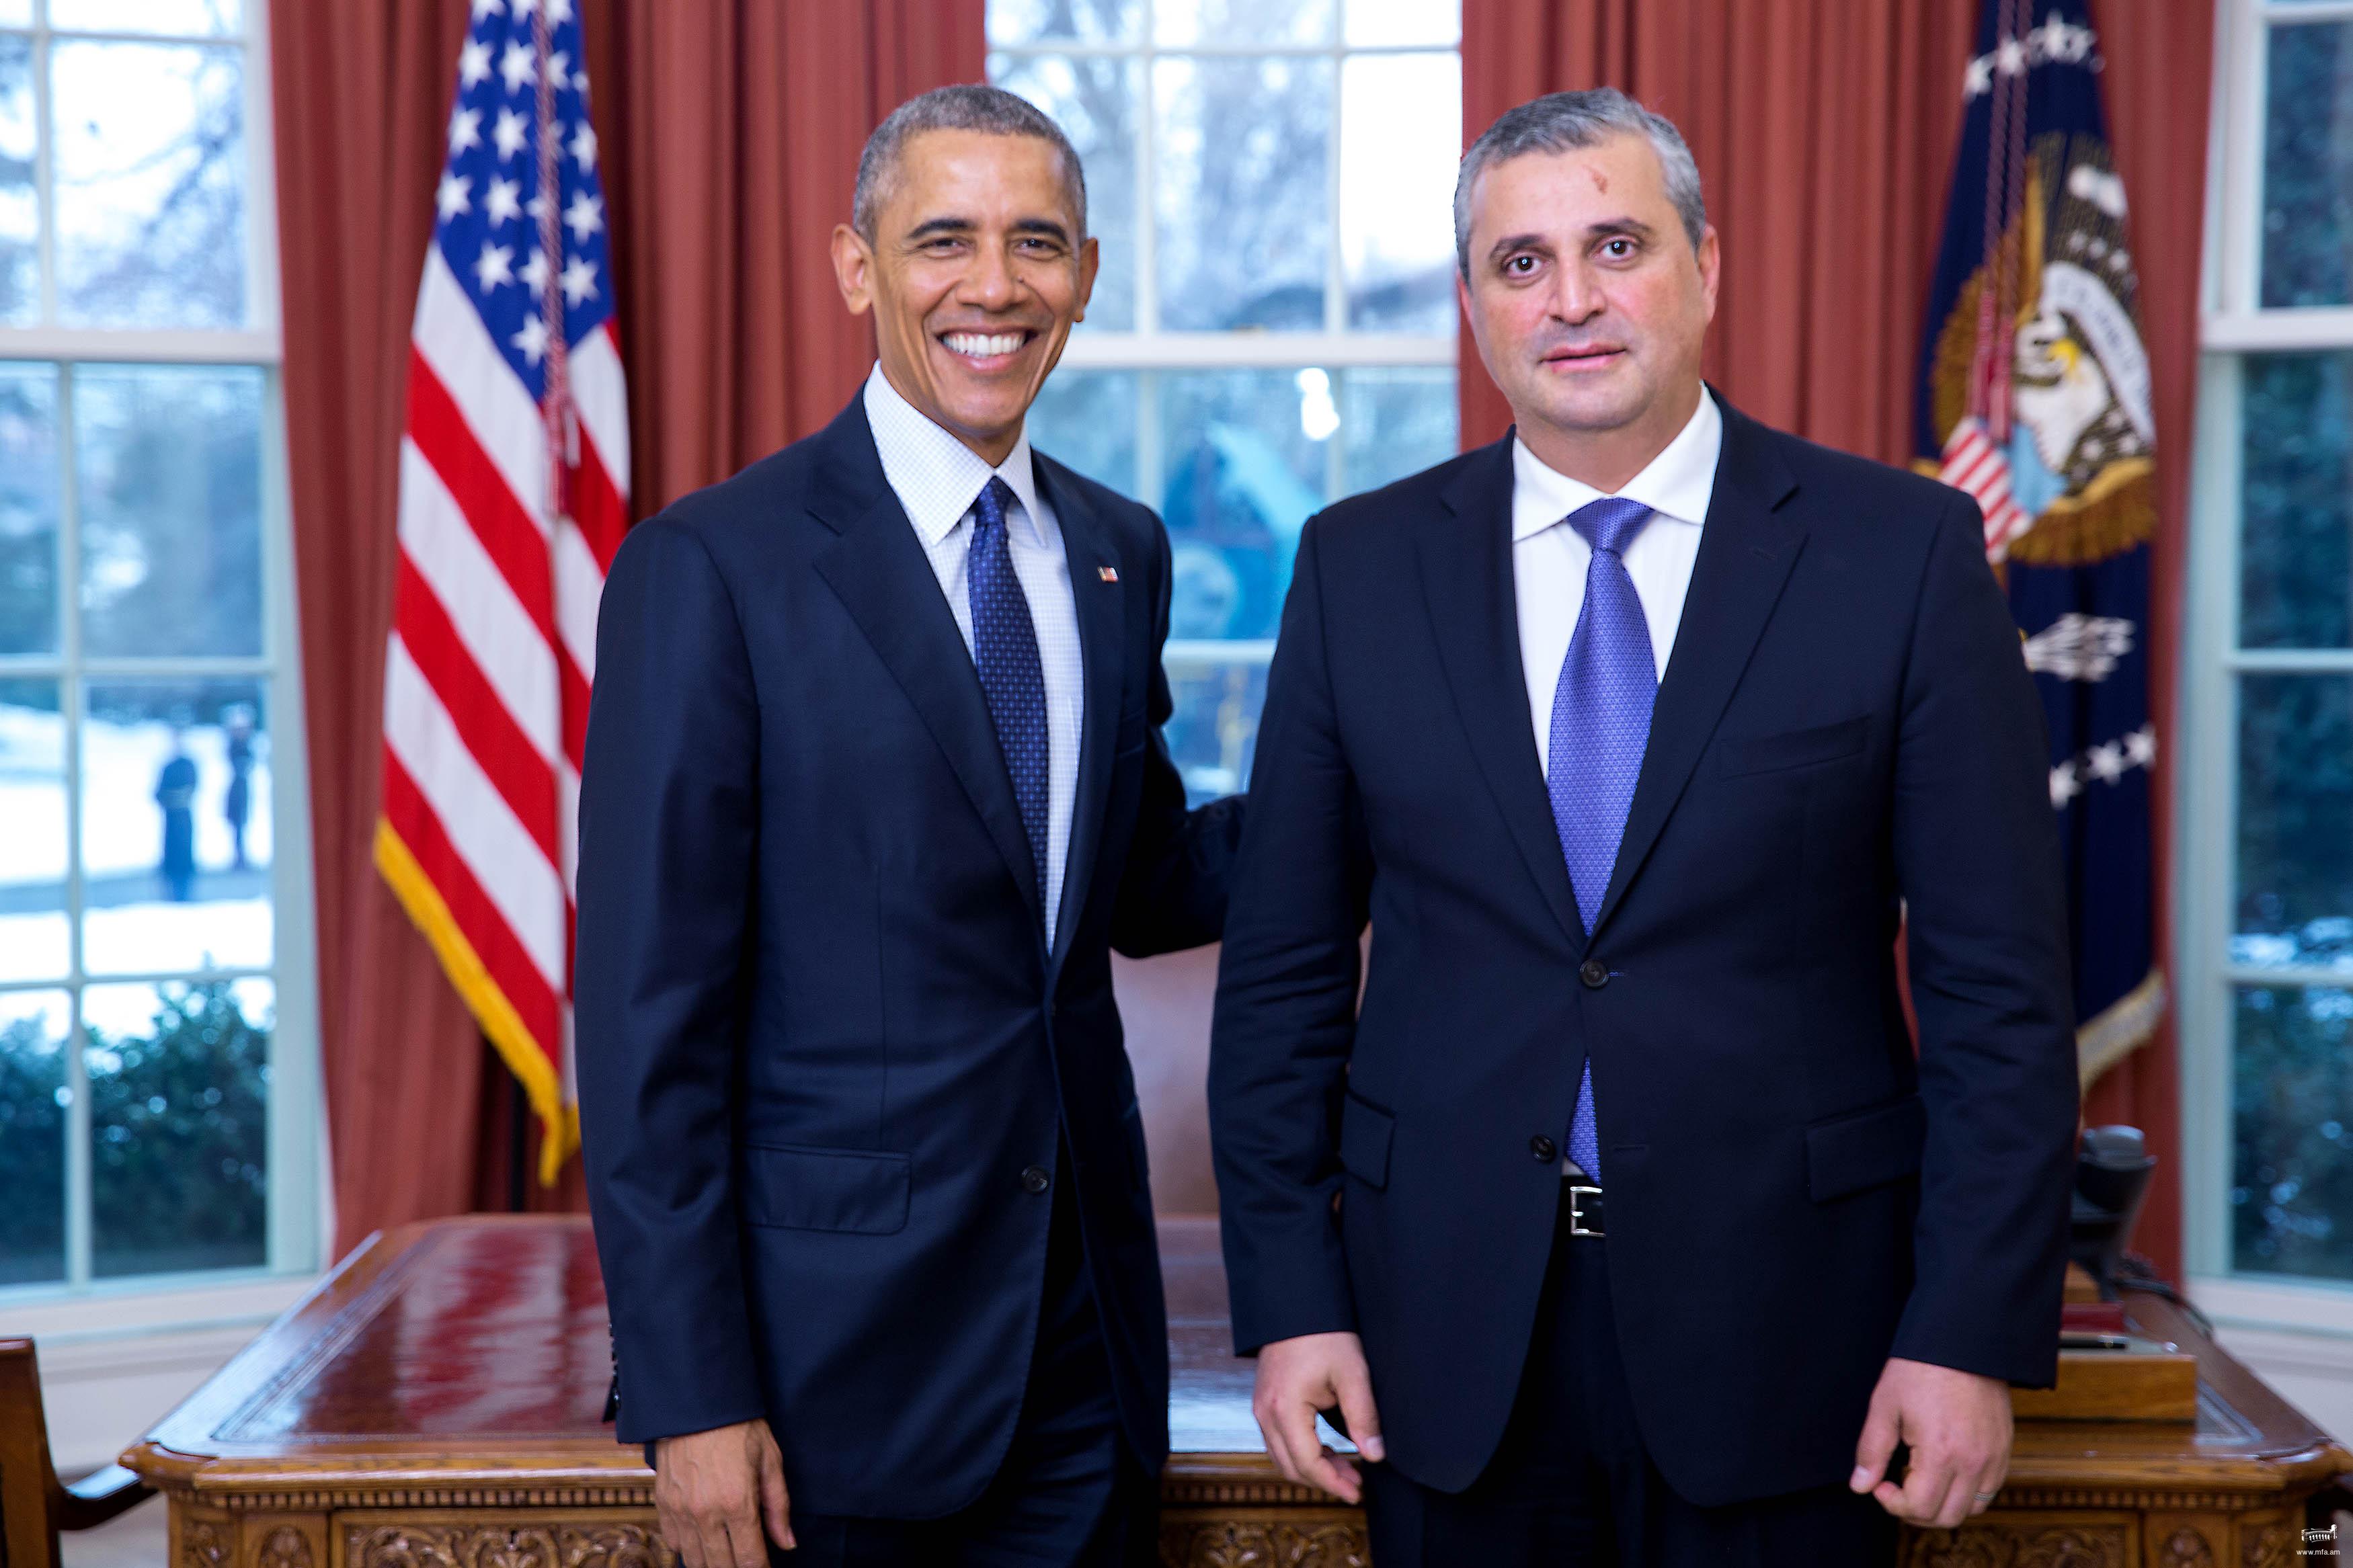 Բարաք Օբամա. 2015թ. Հայաստանում ԱՄՆ ներդրումները հասել են պատմական մակարդակի